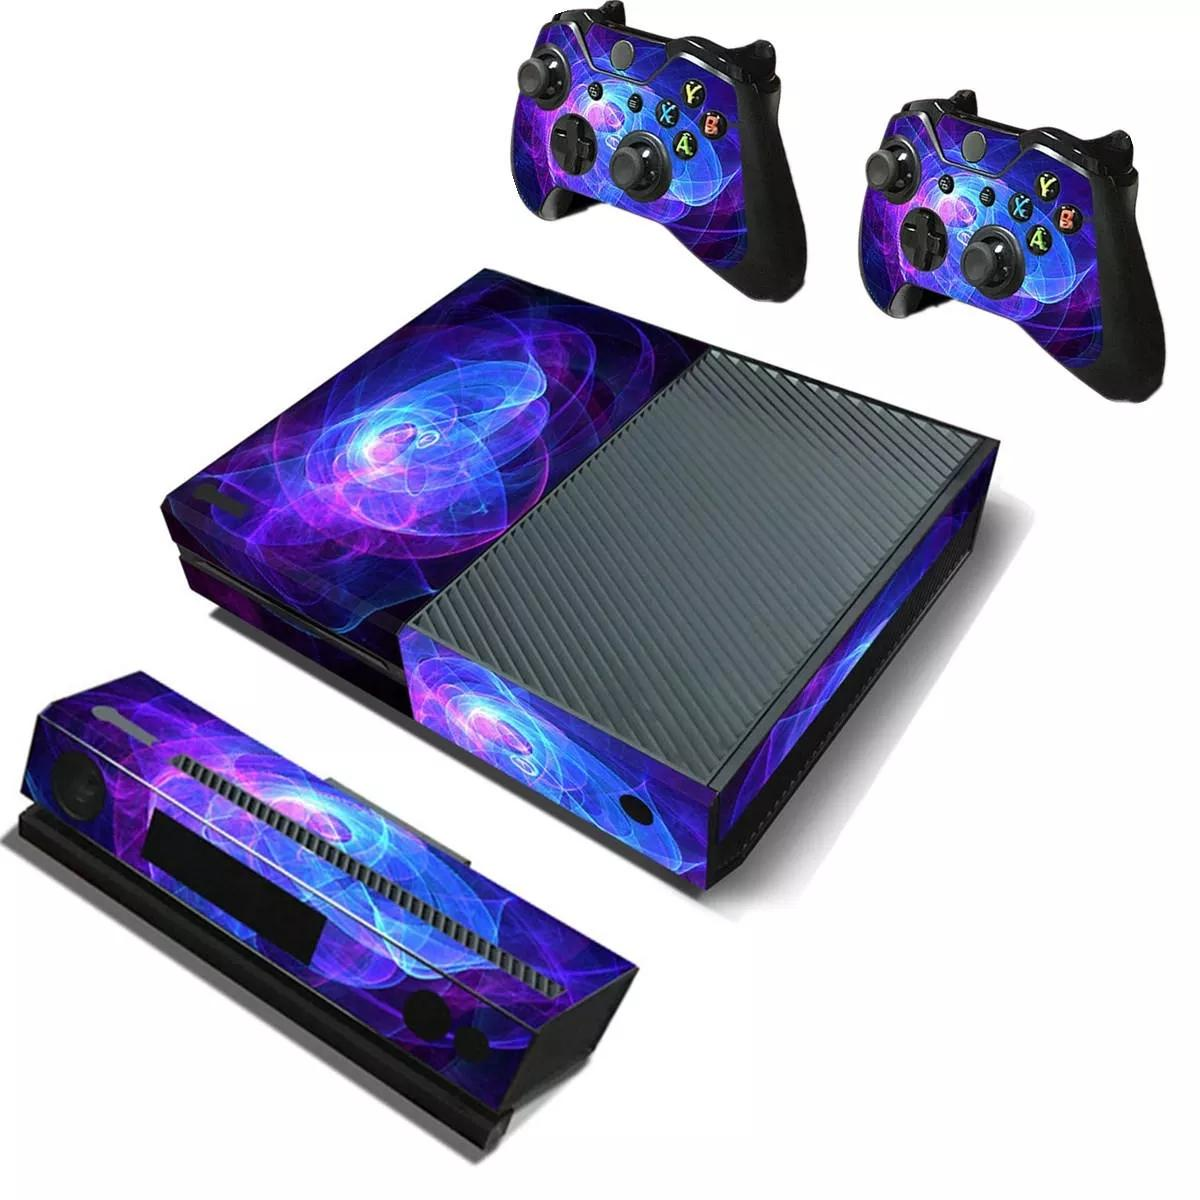 Mor Koruyucu Vinil Etiket Cilt Etiketler Wrap Kapak For Xbox One Oyun Konsolu Oyun Denetleyici Kinect